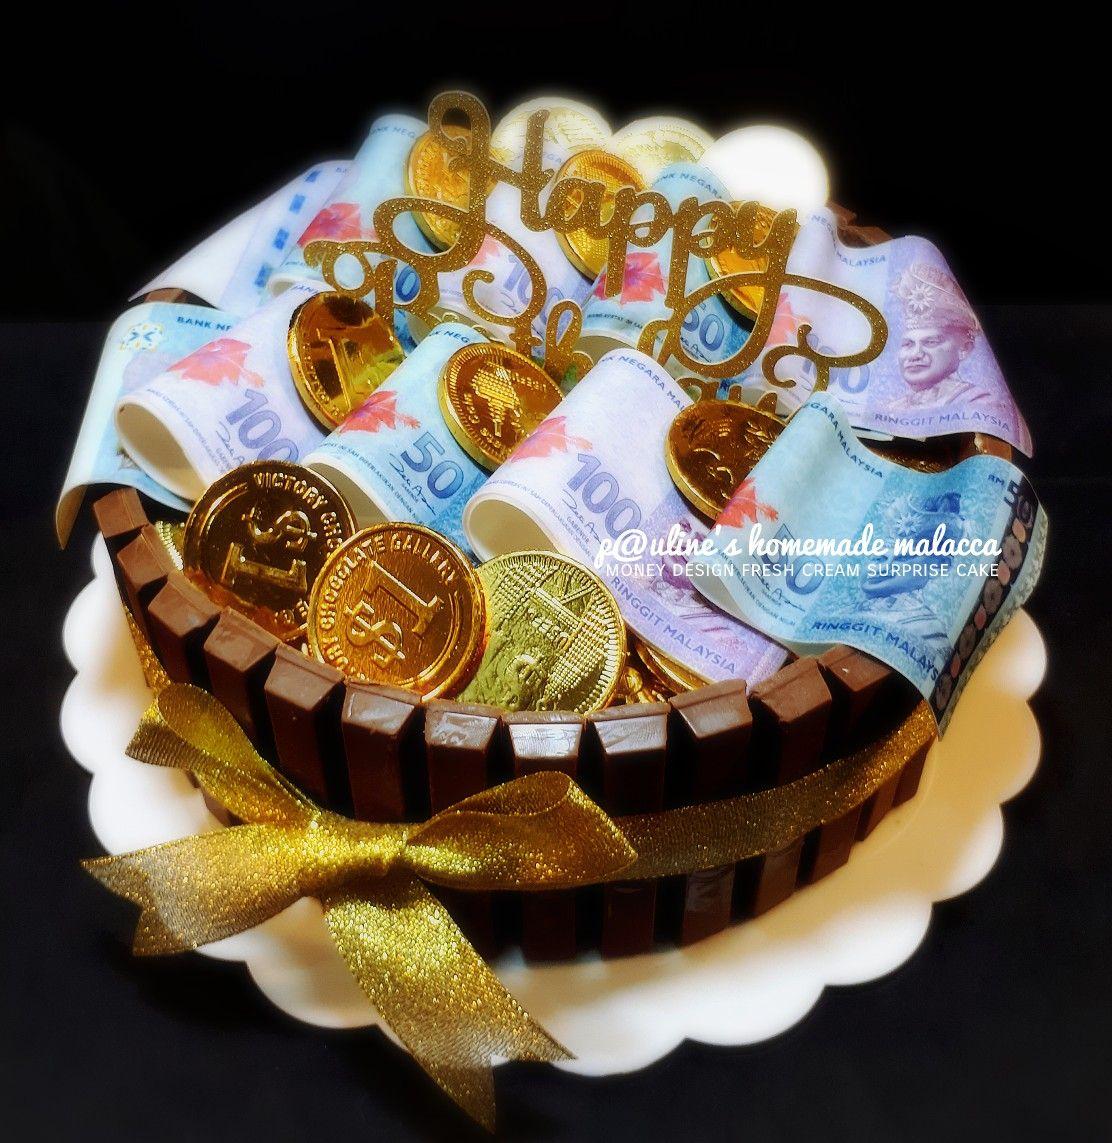 Surprise Money Cake Paulineshomemademalacca